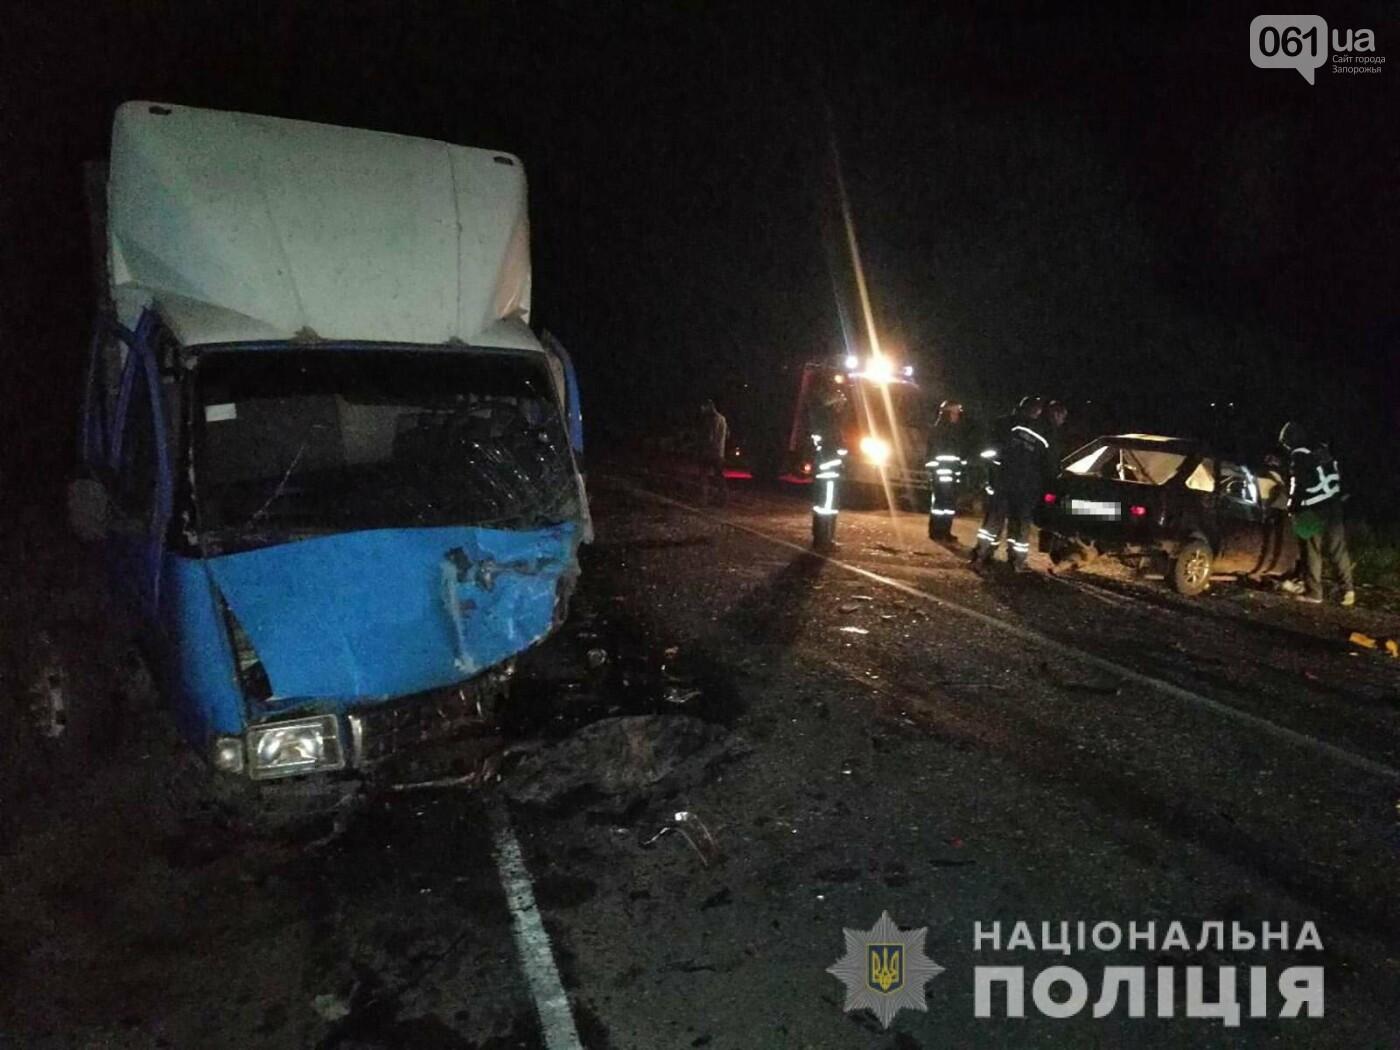 На трассе в Запорожской области в результате ДТП смяло авто - один человек погиб, - ФОТО, фото-1